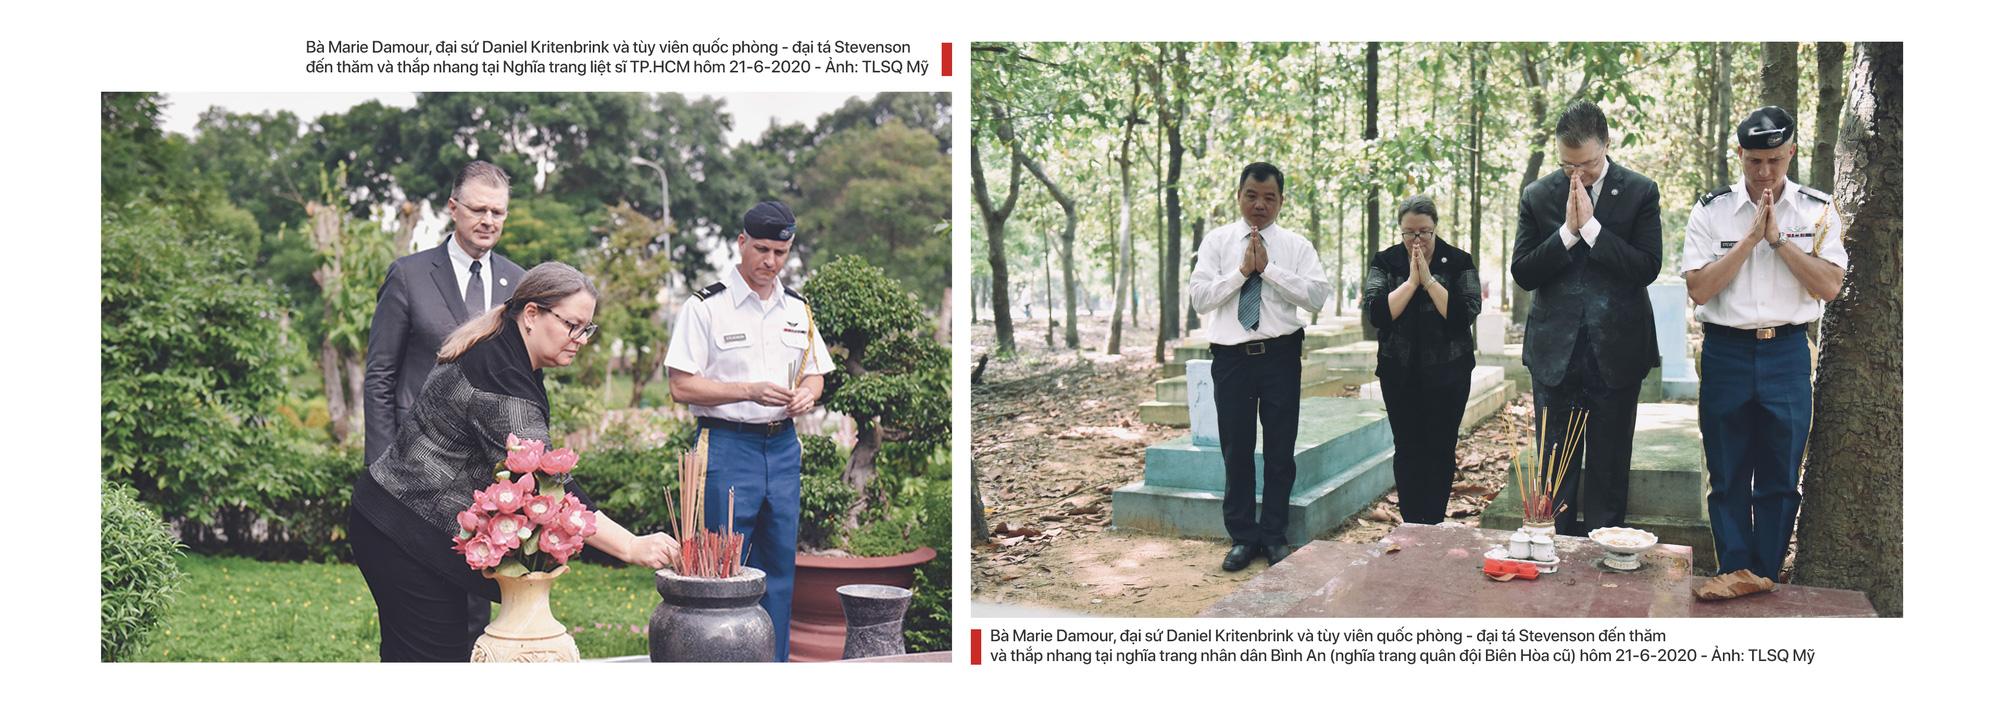 Tổng lãnh sự Mỹ Marie Damour: Nếu tôi sinh ra ở Việt Nam, cha tôi có thể là liệt sĩ - Ảnh 3.